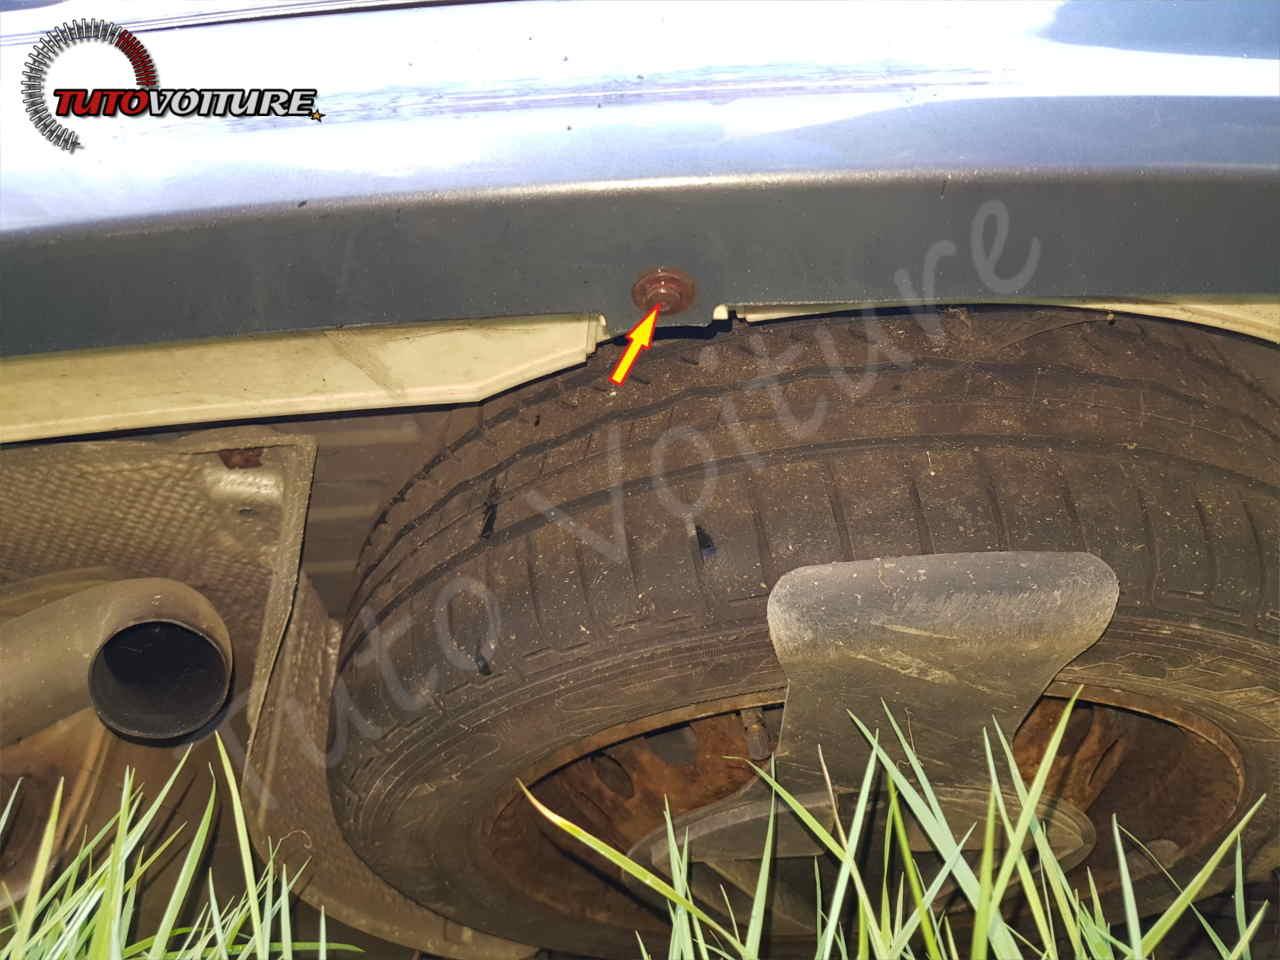 Retirer les fixations du pare-chocs arrière Renault Clio 3